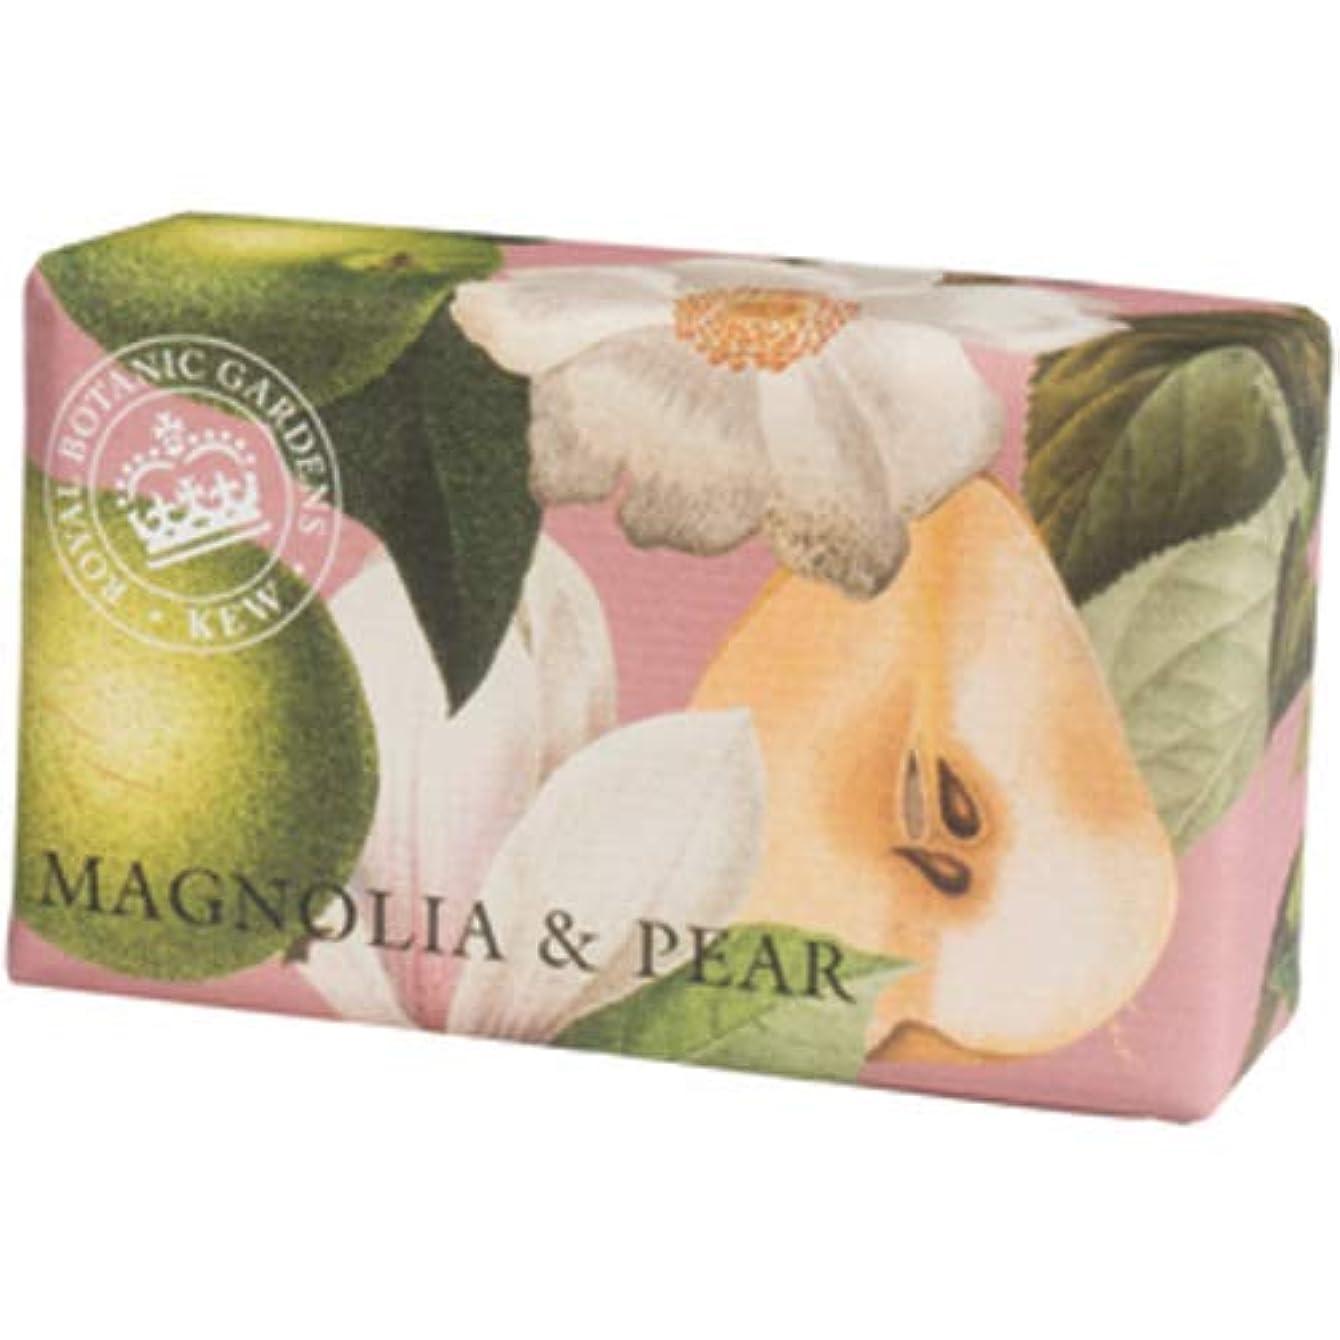 看板埋めるトムオードリースEnglish Soap Company イングリッシュソープカンパニー KEW GARDEN キュー?ガーデン Luxury Shea Soaps シアソープ Magnolia & Pear マグノリア&ペア